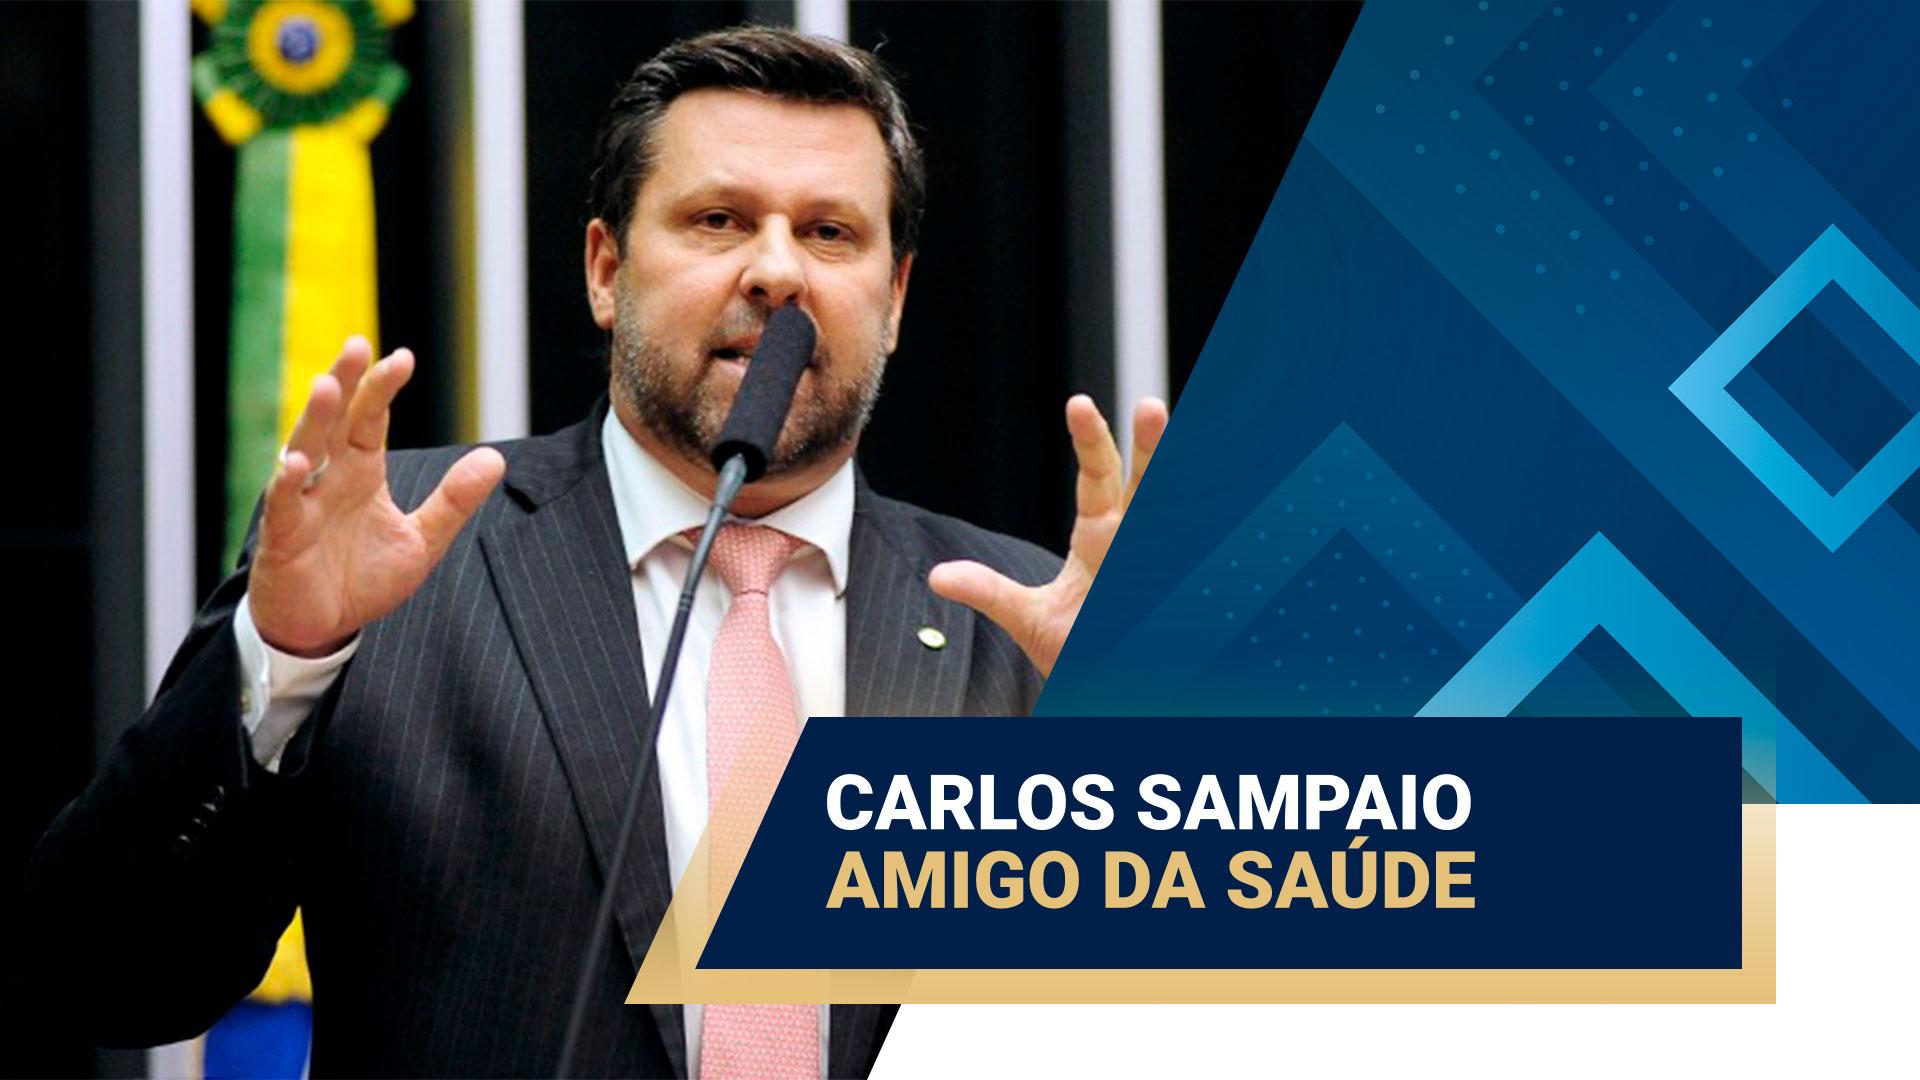 deputado-carlos-sampaio-e-amigo-da-saude - Acao Comunicativa